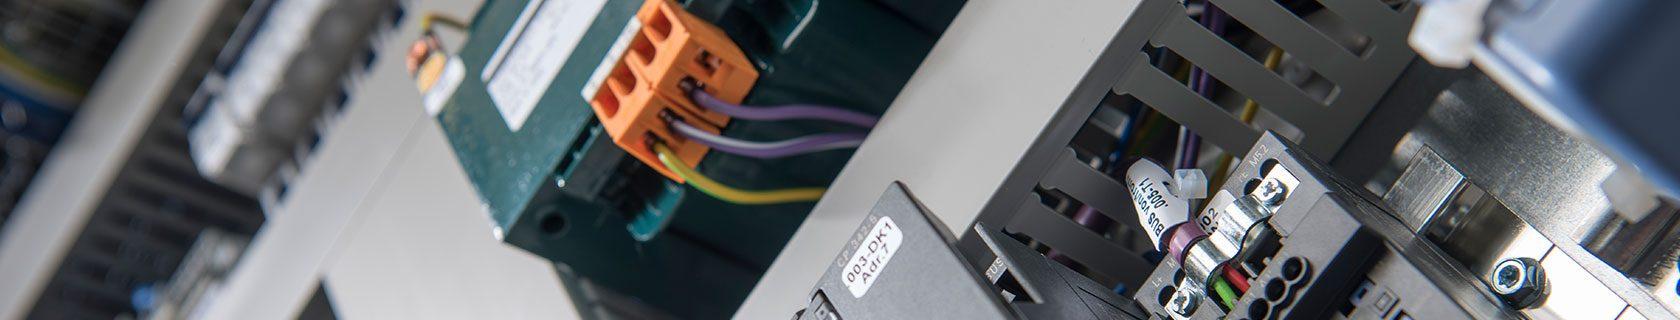 Weigert Elektronik – Leistungen in Automation